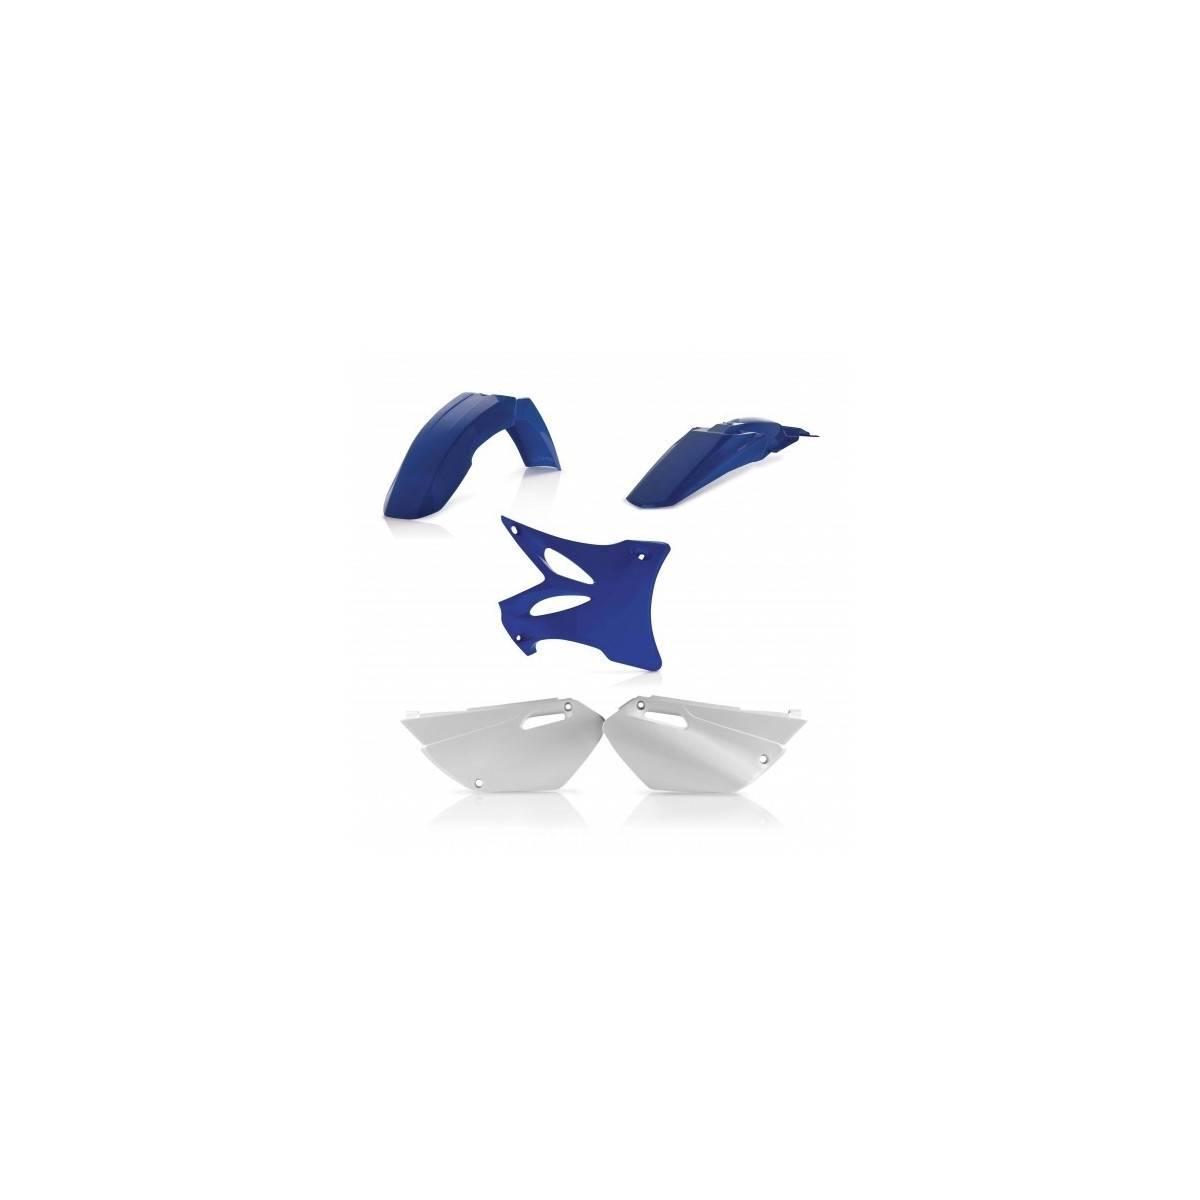 0017874-553 - Kit Plasticos Yz 125 Yz 250 Wr 125 Wr 250 15 17 Origen